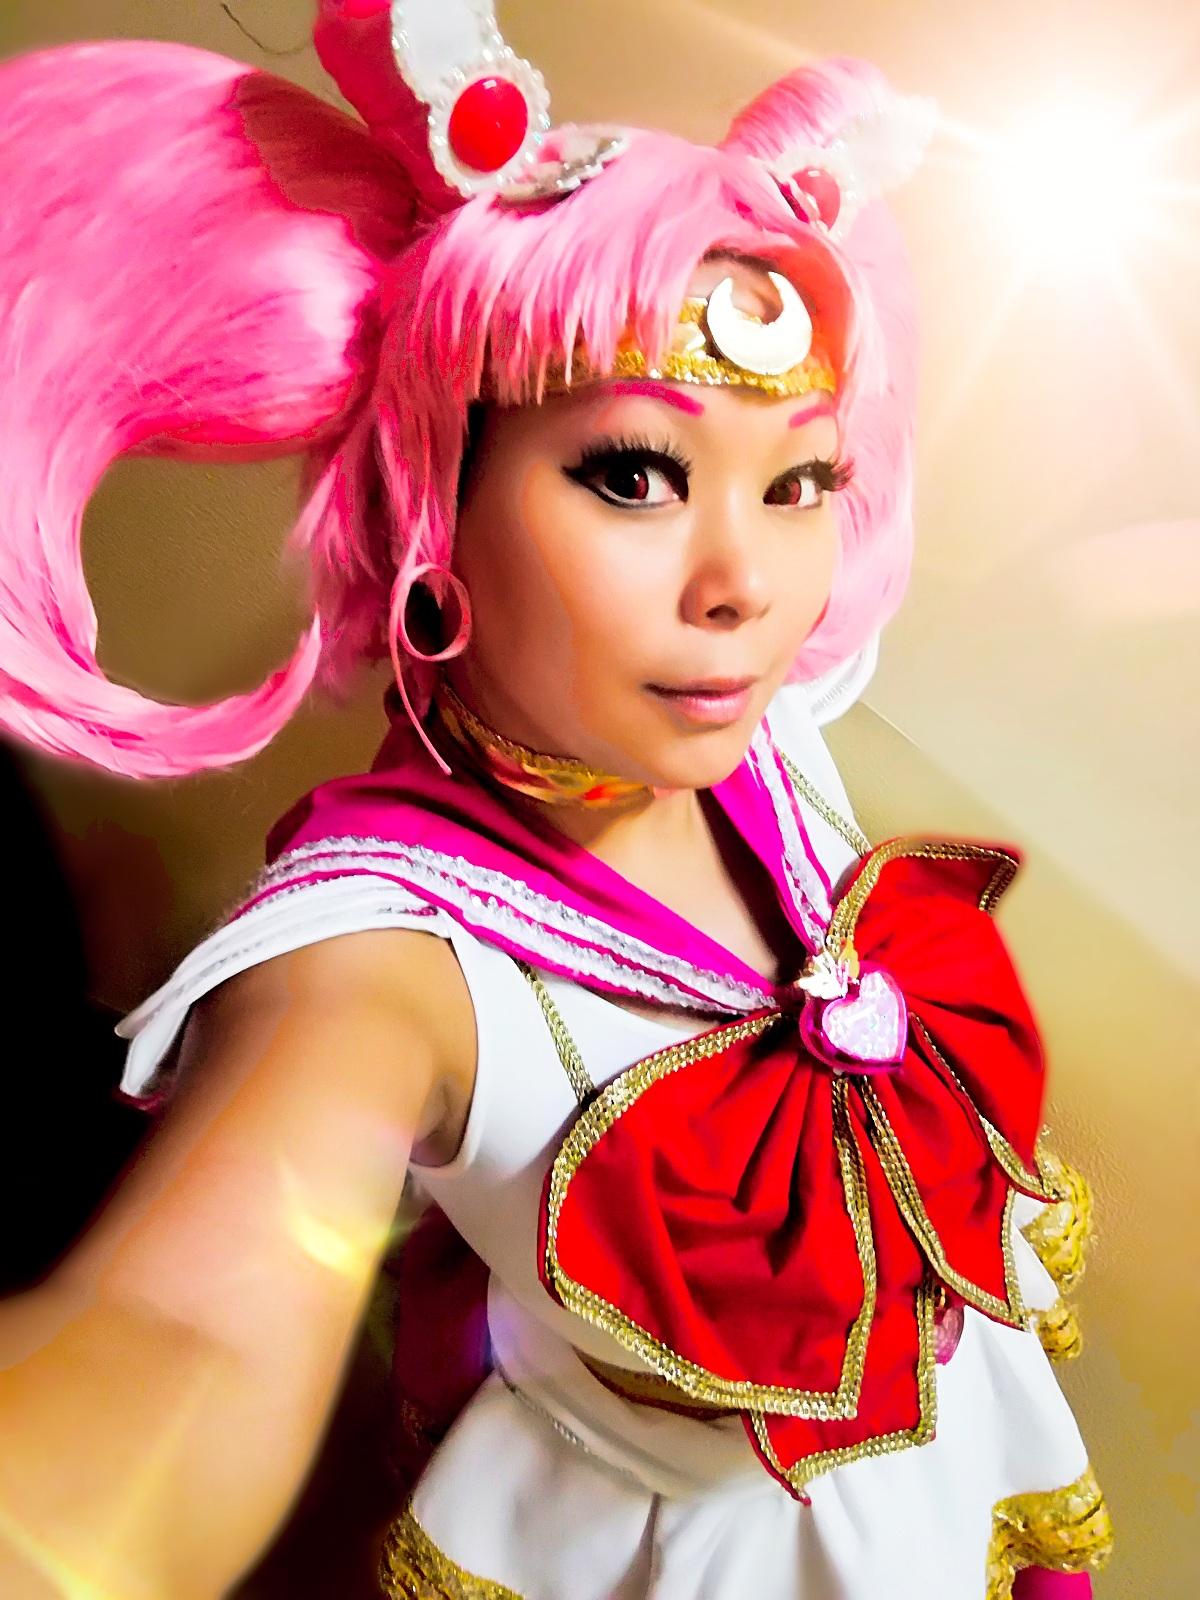 Un ritratto della cosplayer Sunymao